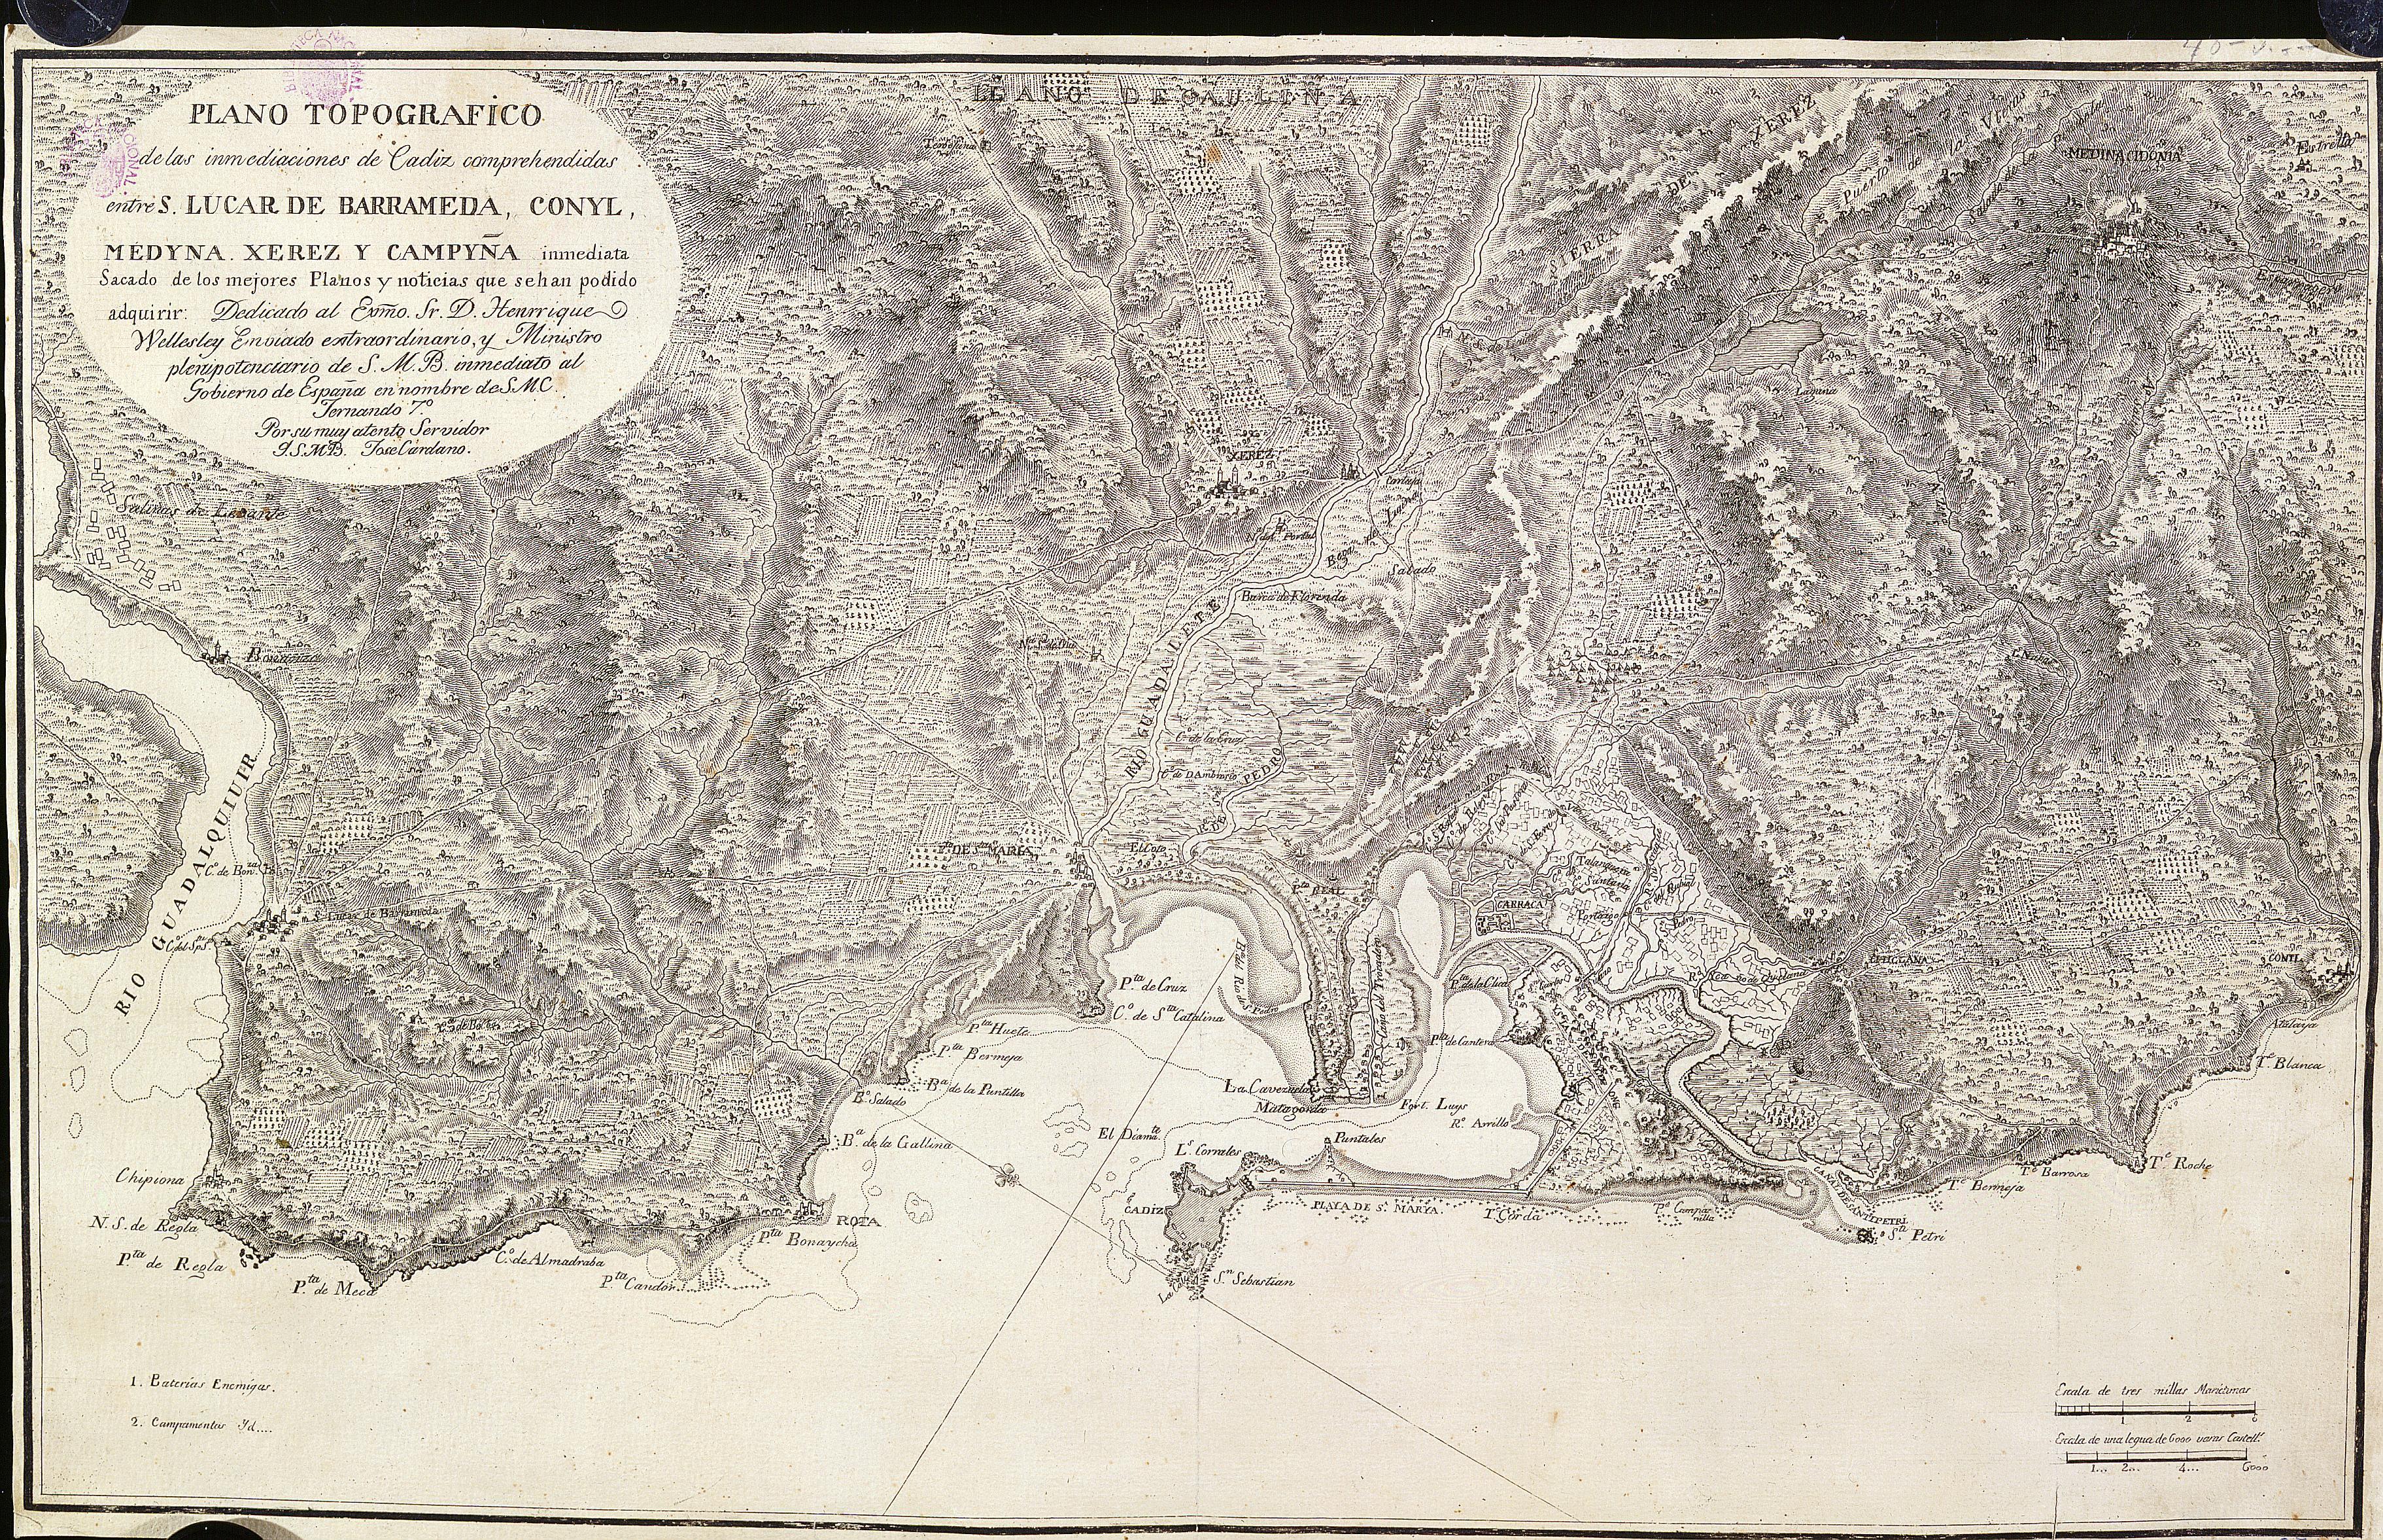 Topographic map of Cadiz 1809